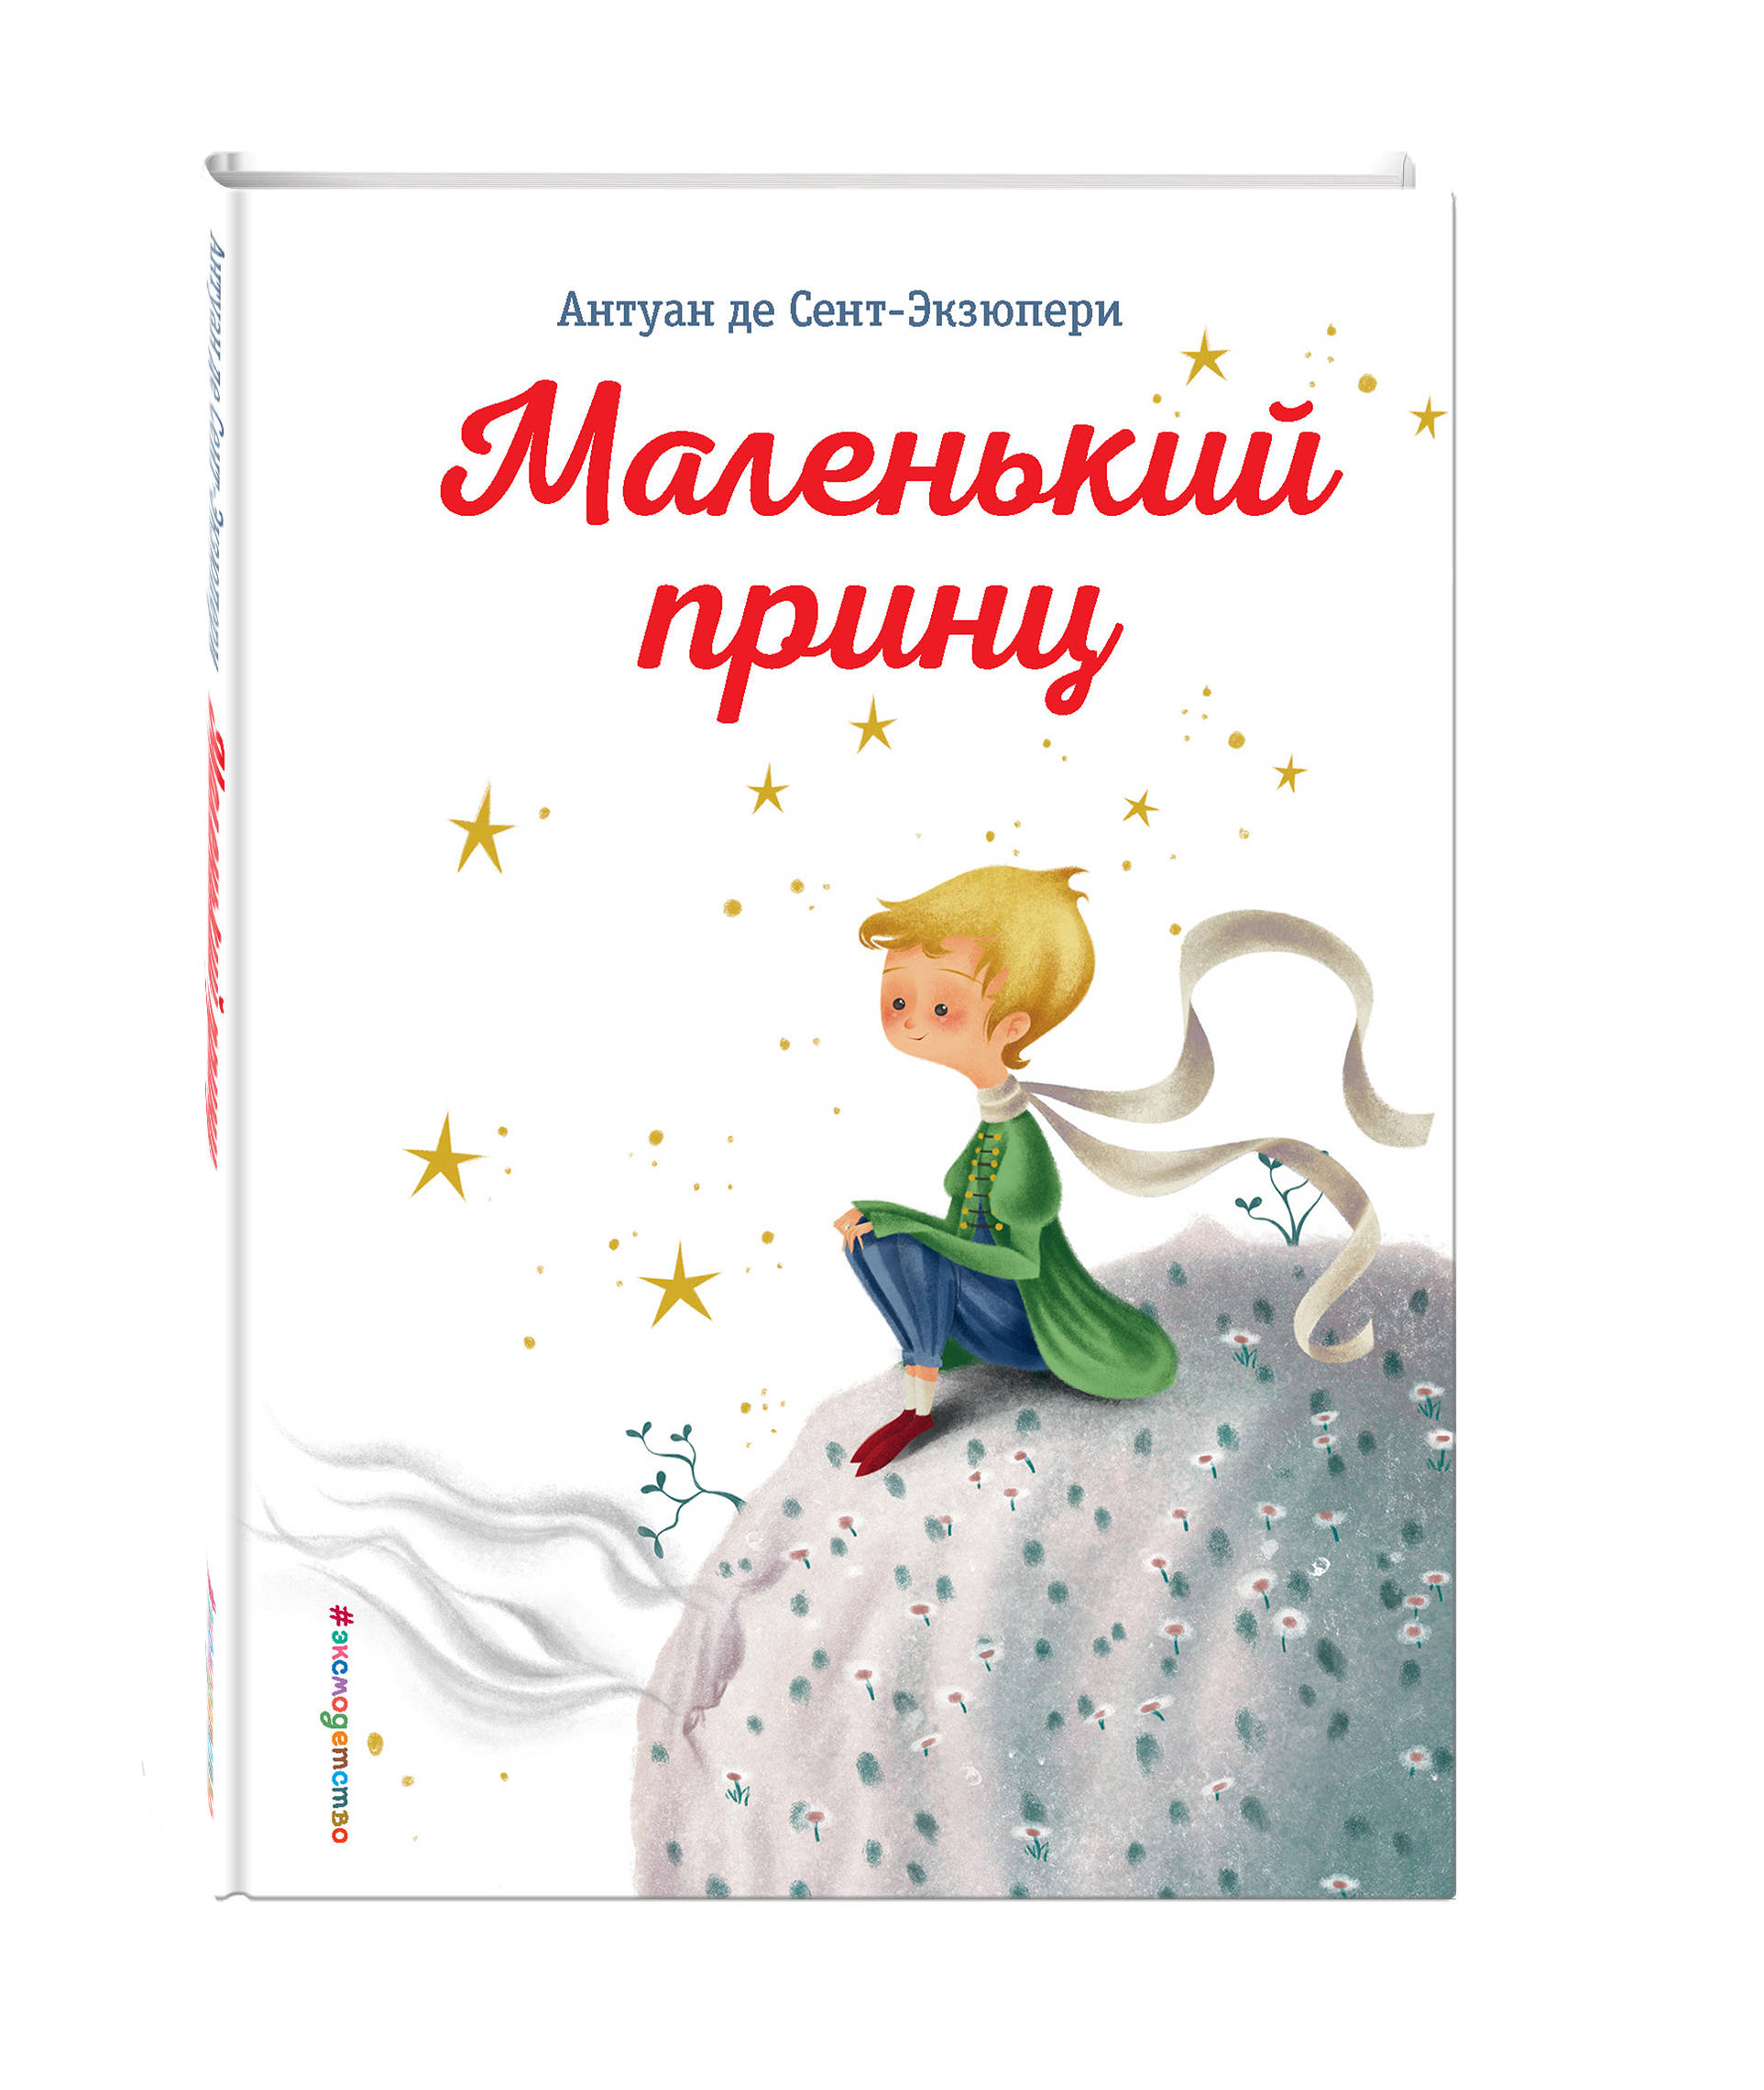 Антуан де Сент-Экзюпери Маленький принц энас книга маленький оборвыш книги на все времена